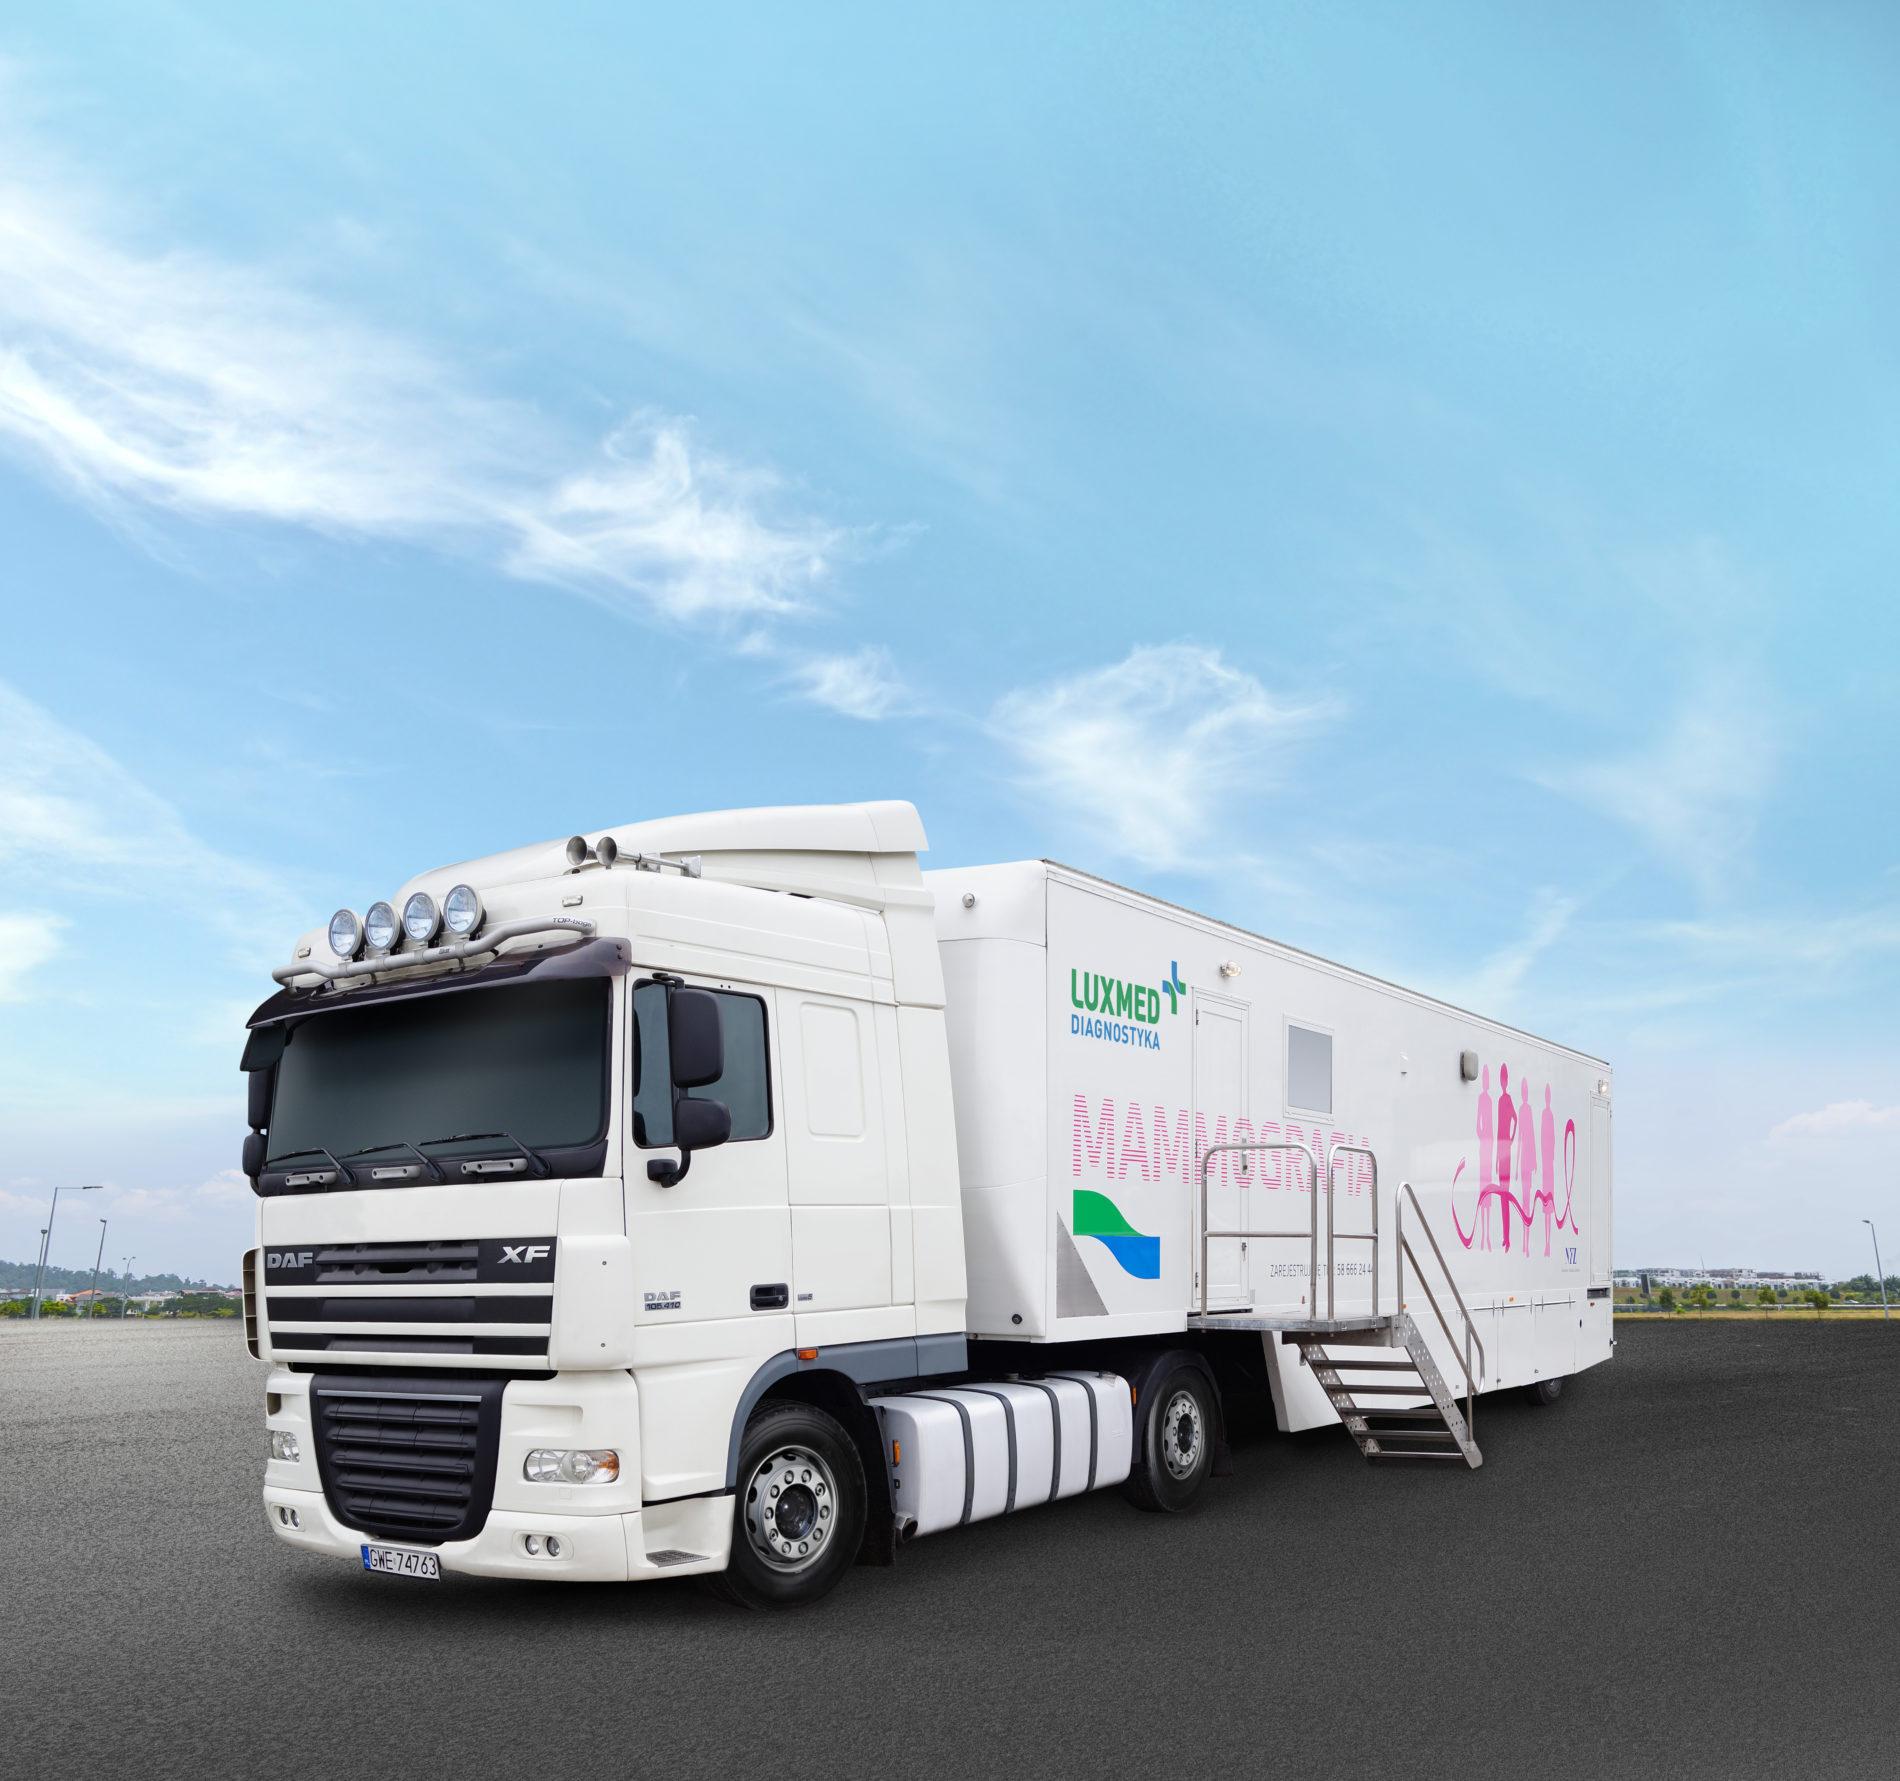 Mammobus LUX MED – bezpłatne badania mammograficzne dla kobiet w wieku 50-69 lat w grudniu 2018 – Kosakowo ( Powiat Pucki )